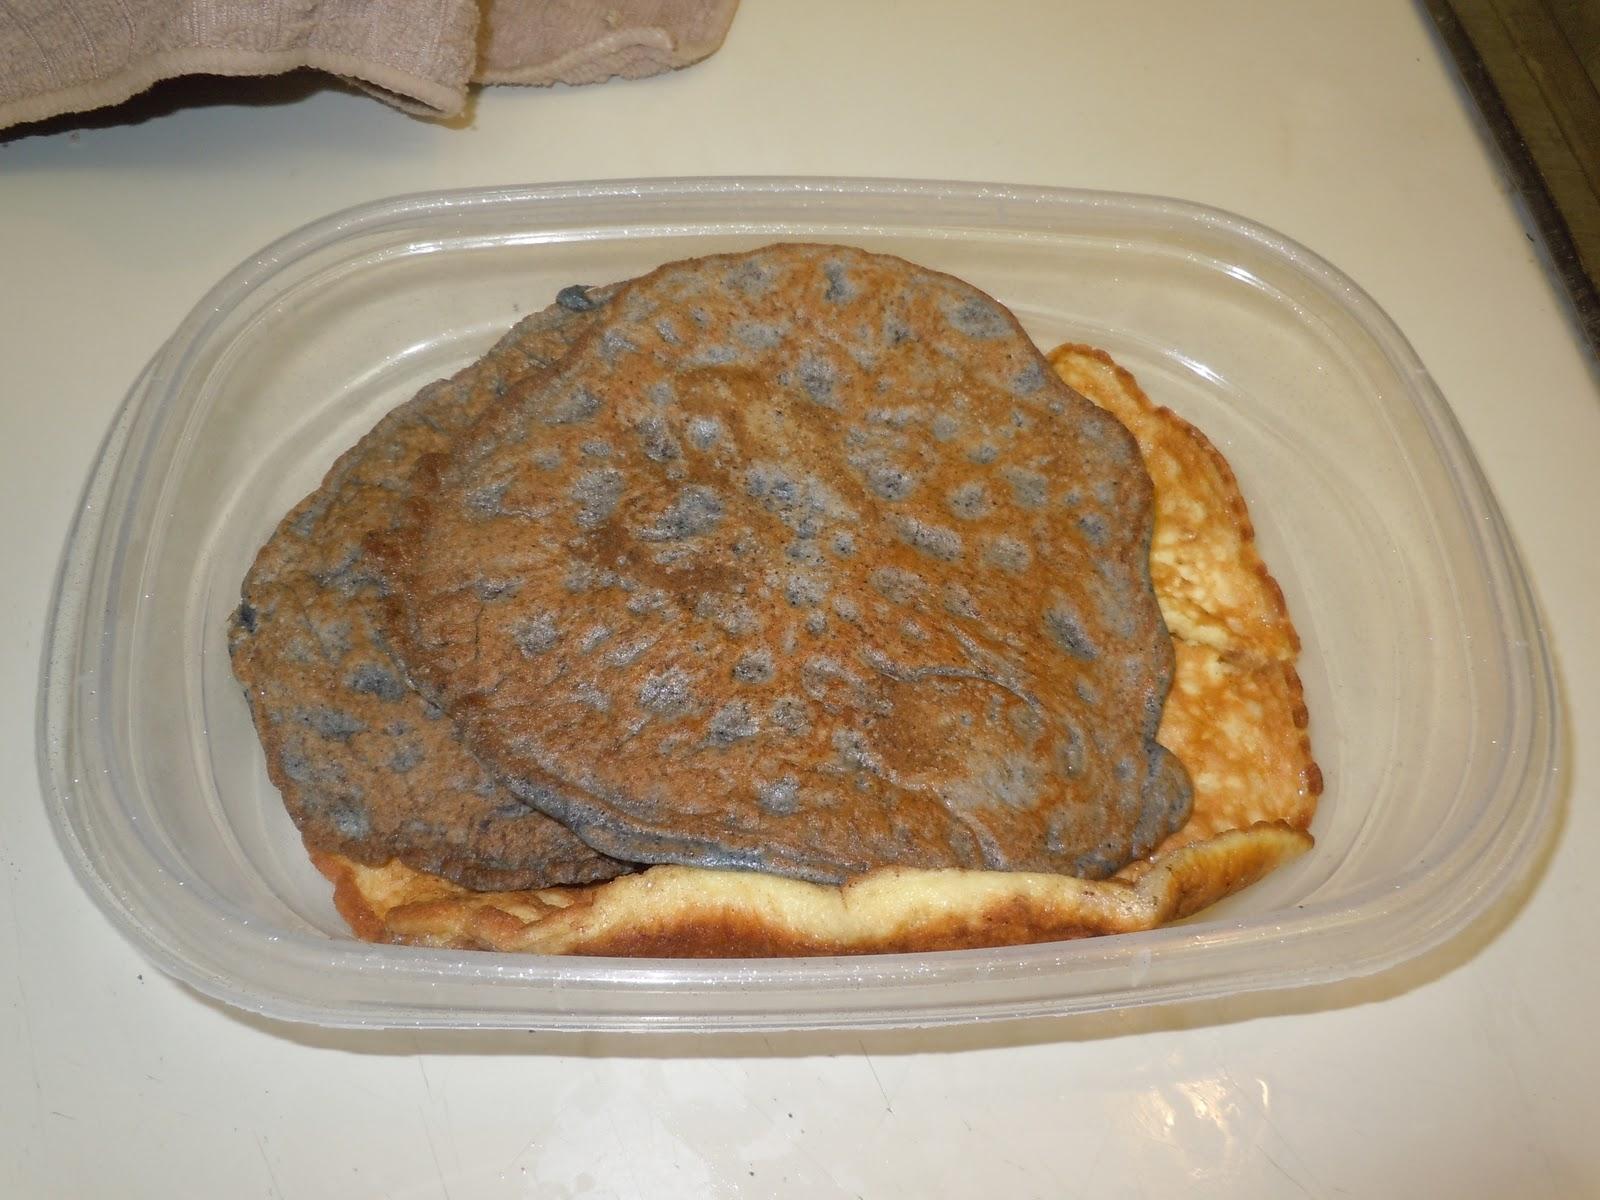 ... Savory Pancake Experiments (Blue Corn Flour Pancakes and Coconut Flour